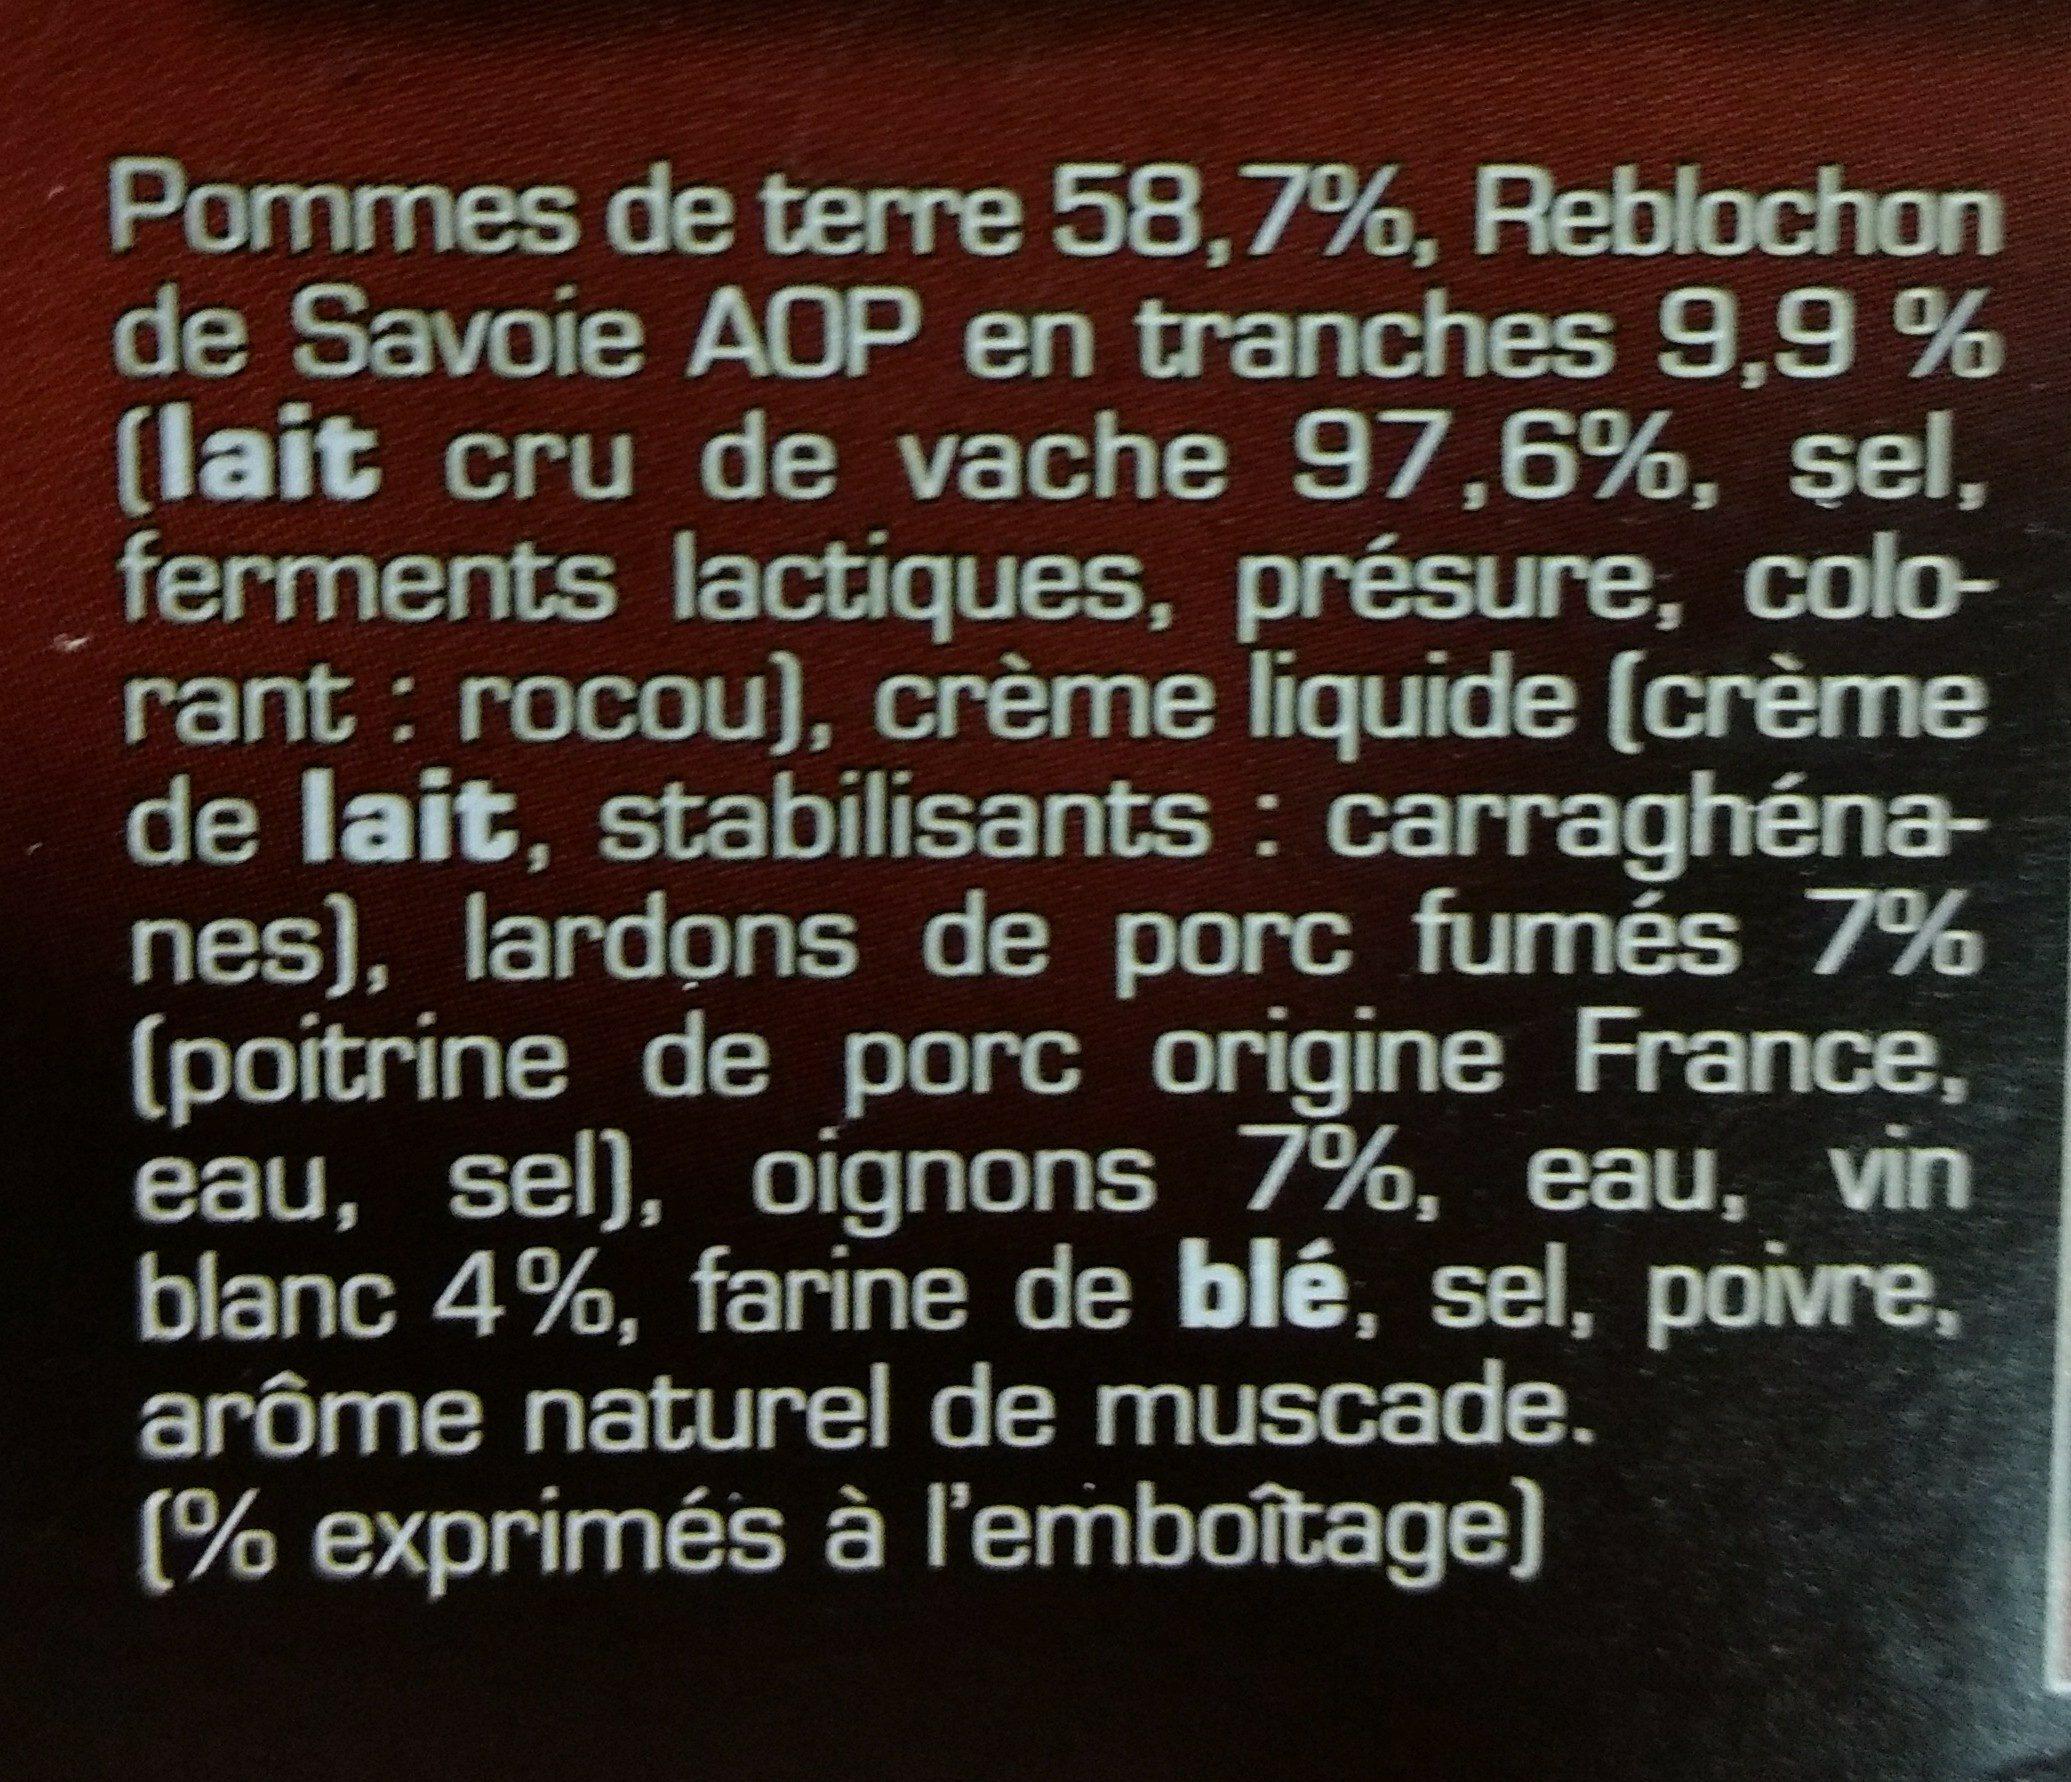 Tartiflette au Reblochon de Savoie AOP - Ingrédients